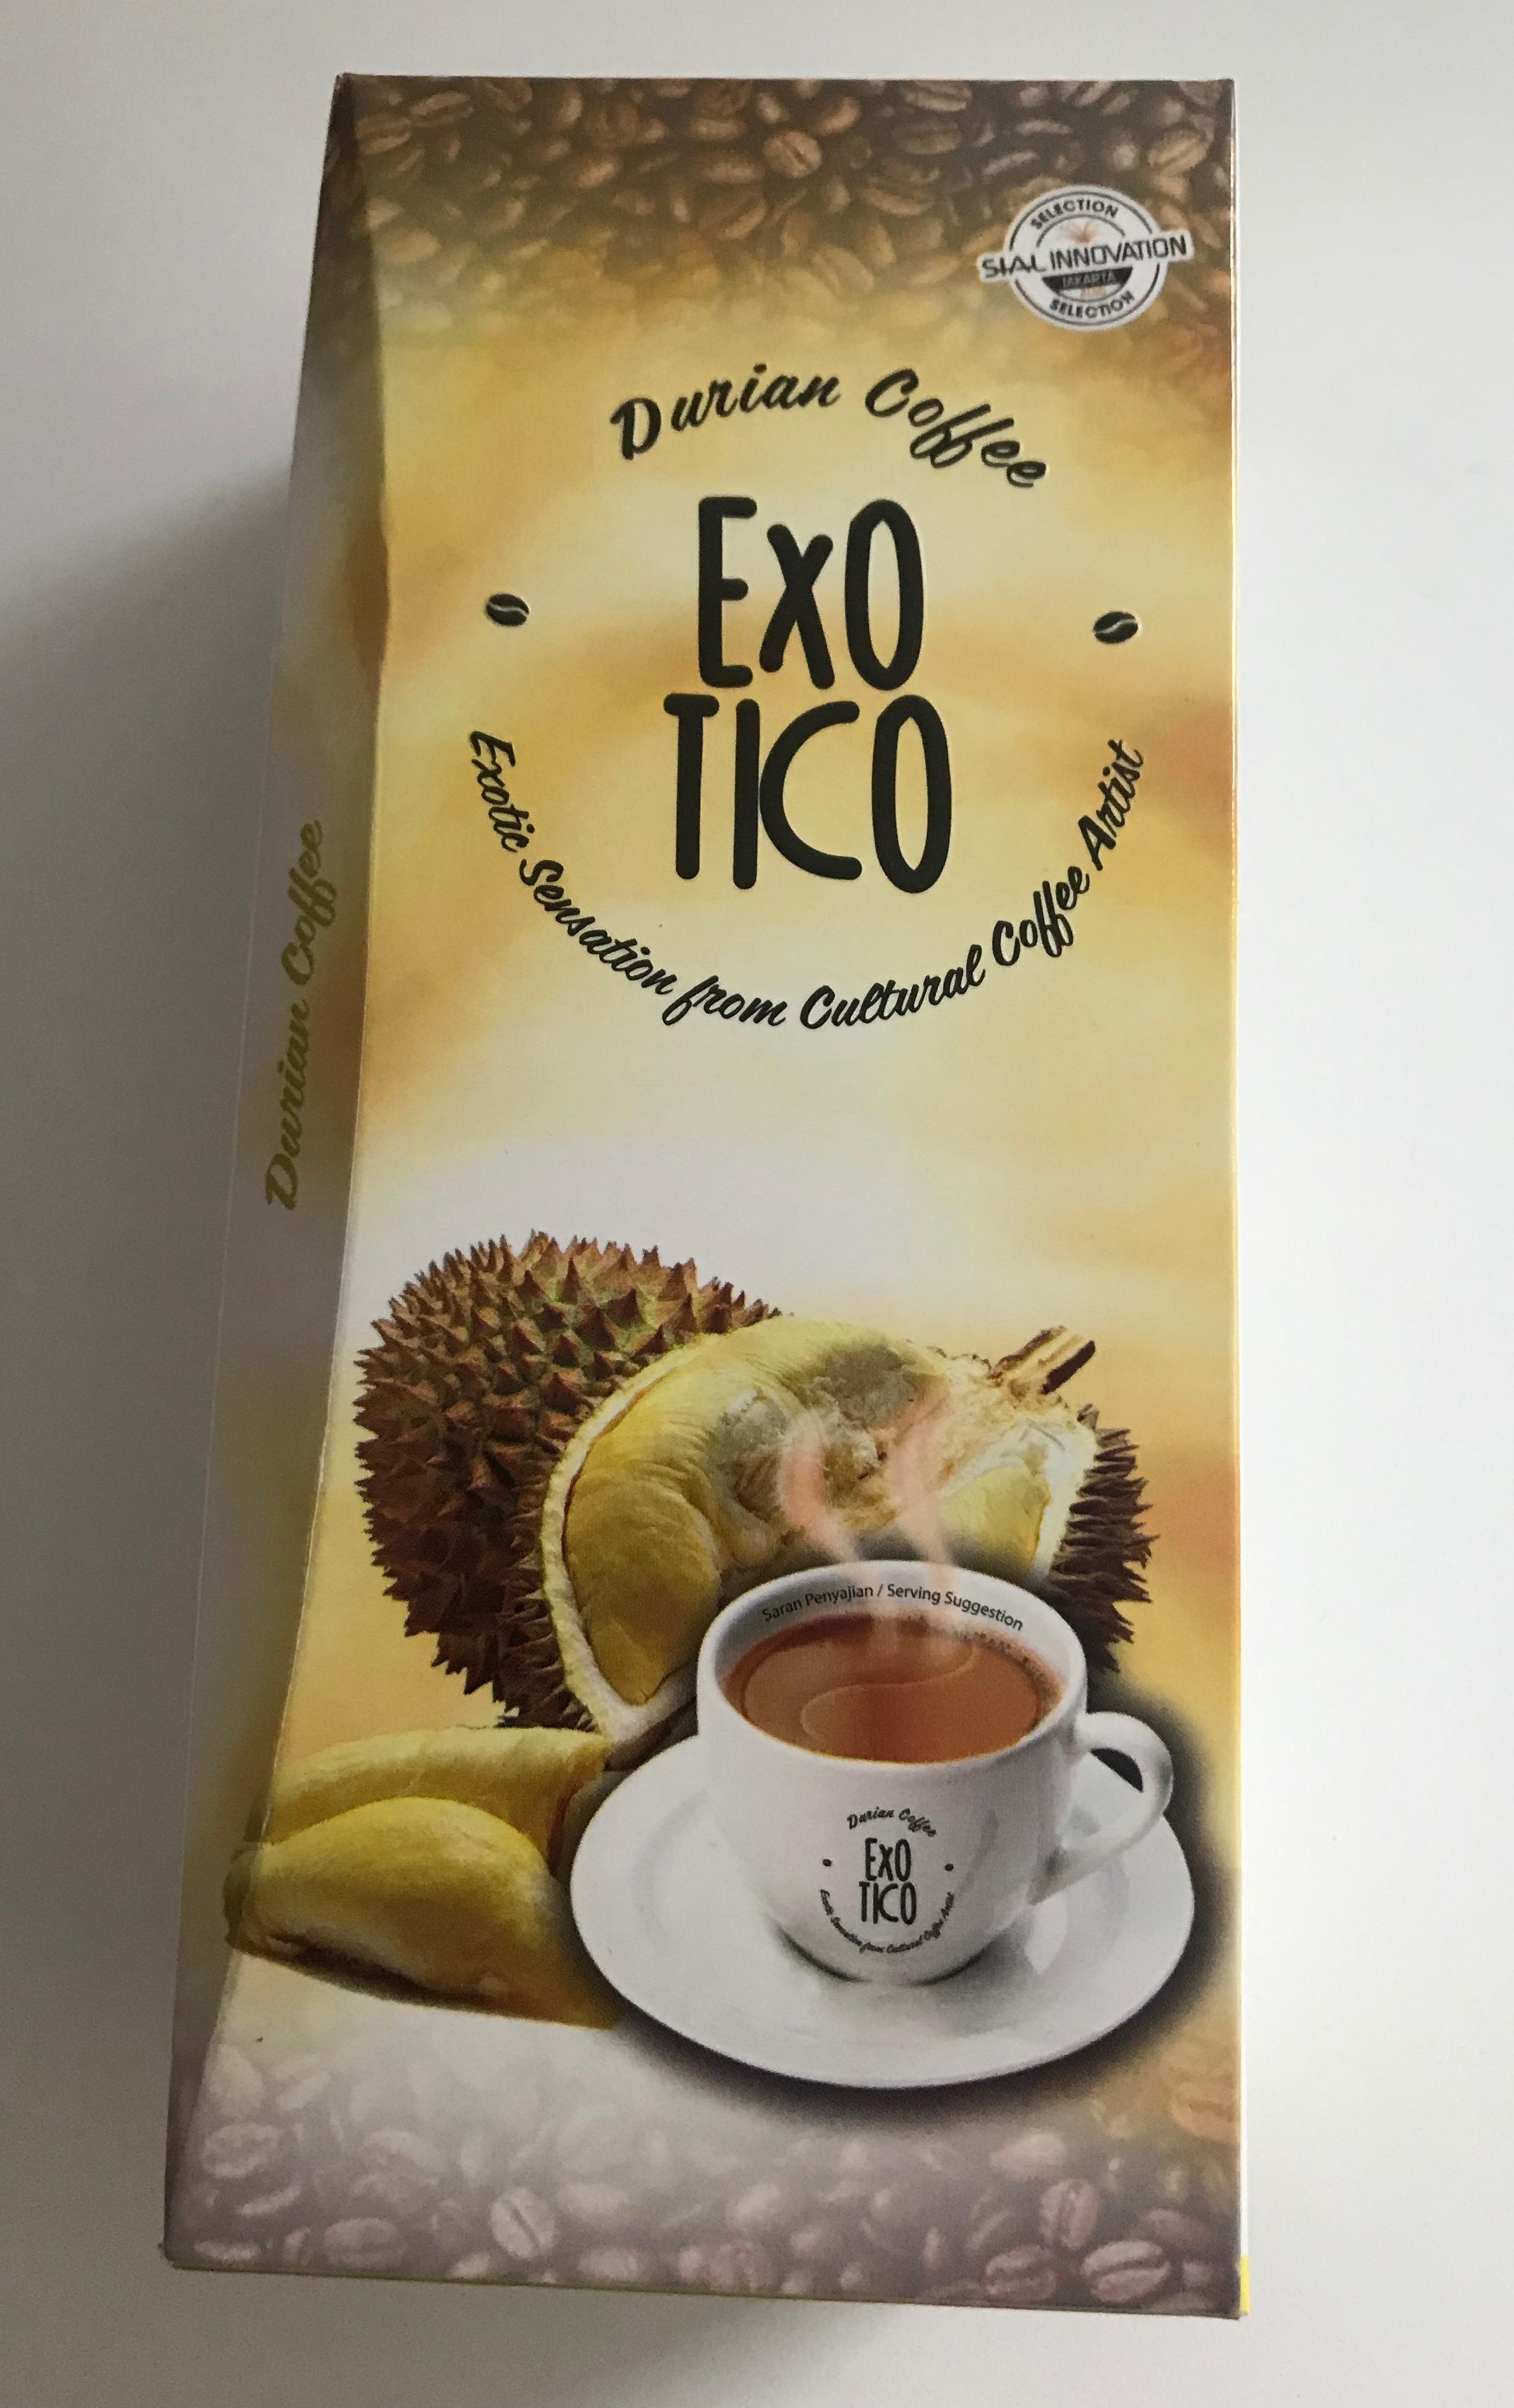 Préparation pour boisson au café et durian Indonésie, Exotico (125 g)